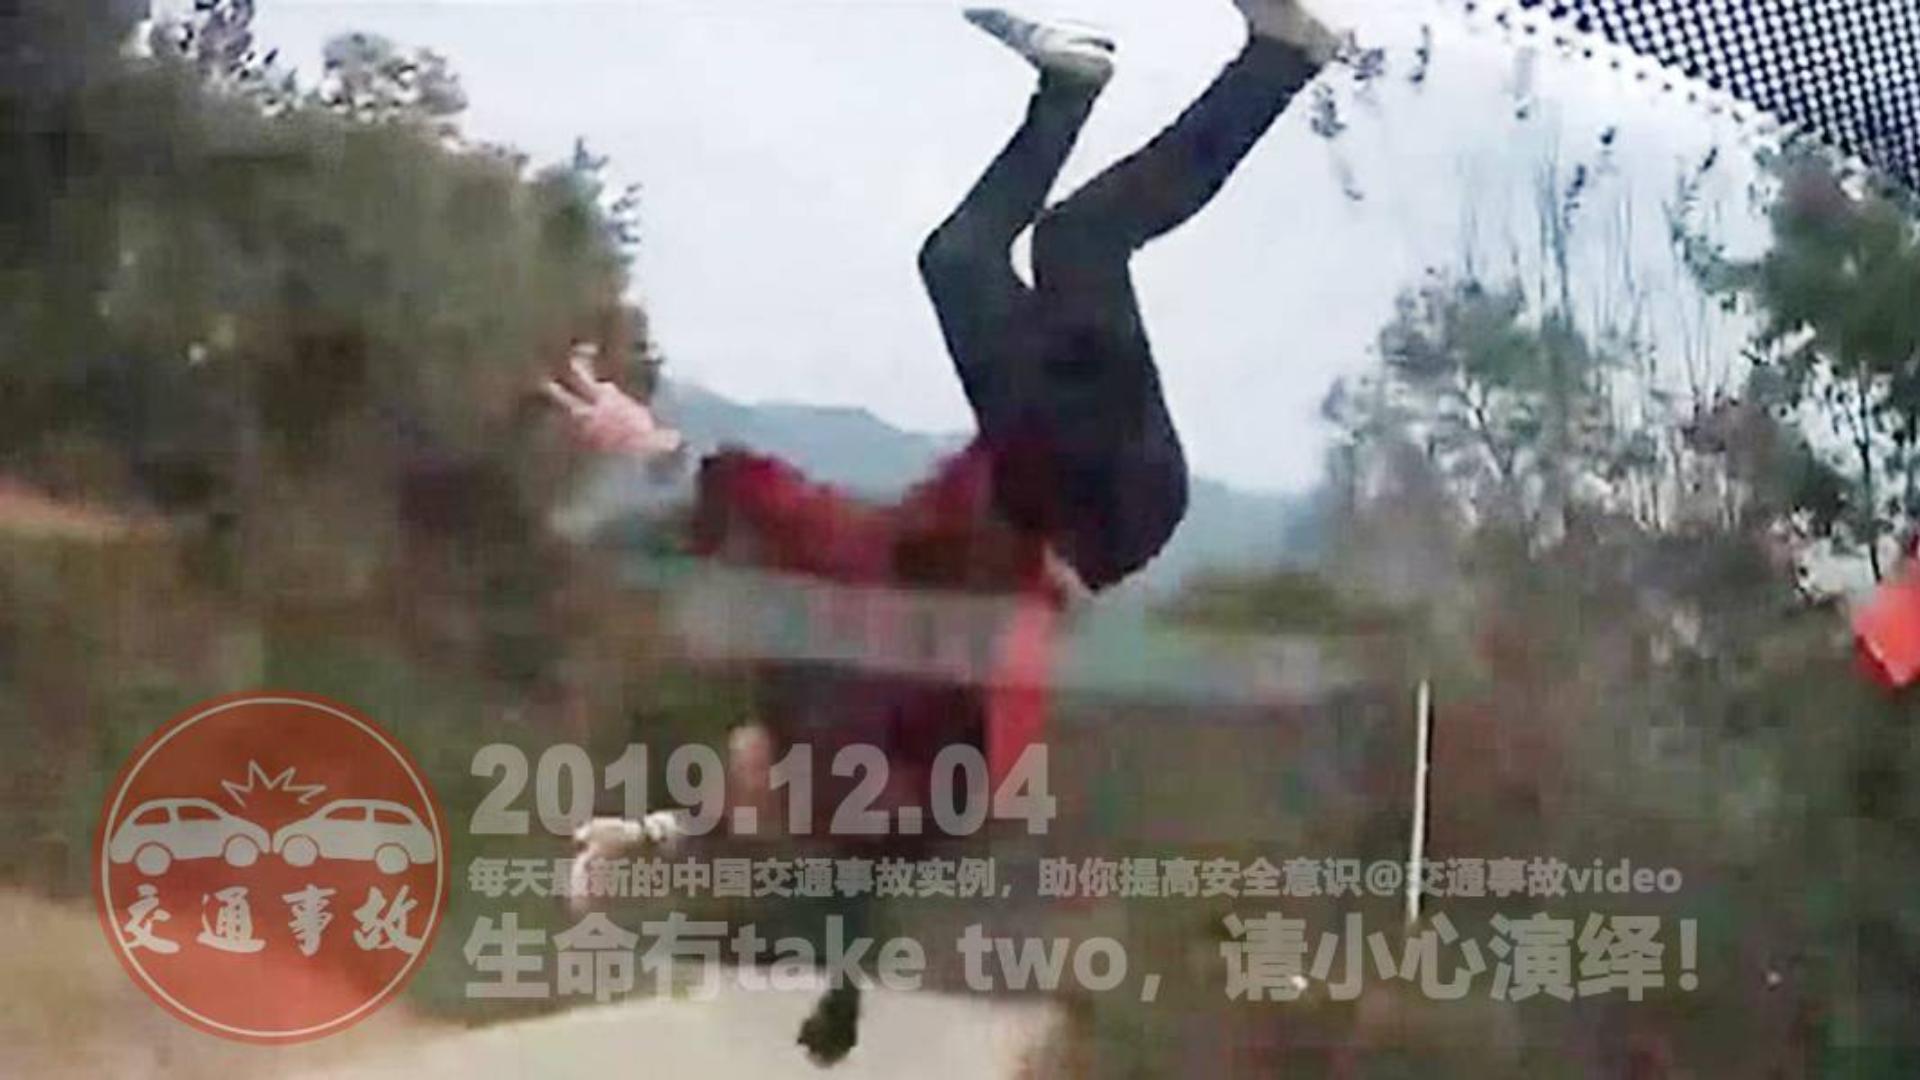 中国交通事故20191204:每天最新的车祸实例,助你提高安全意识